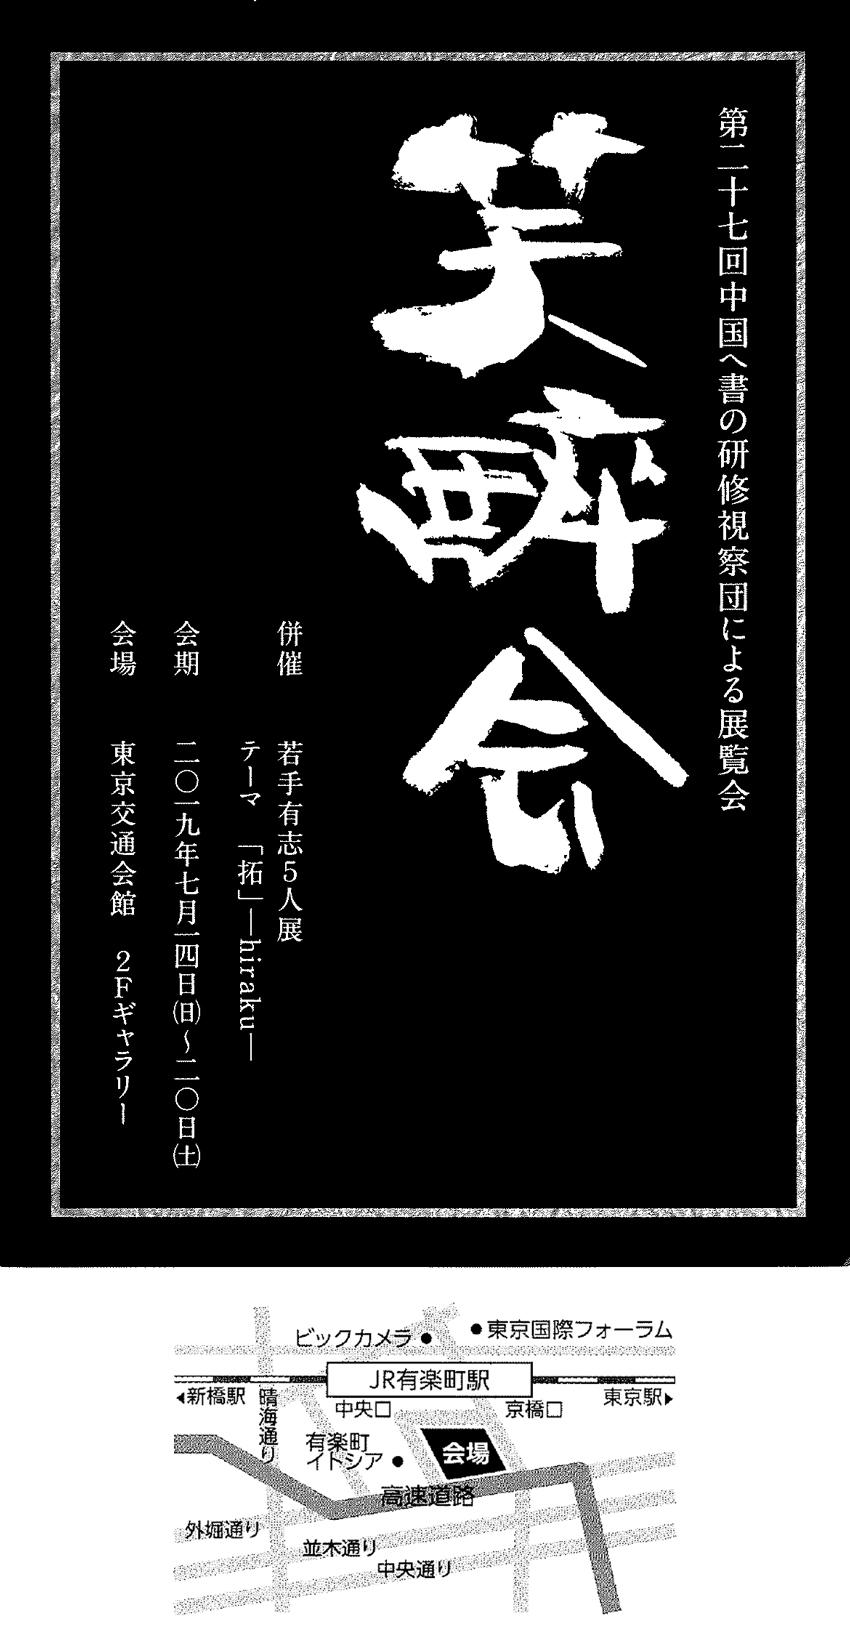 0605syosuikai_b.jpg (850×1638)